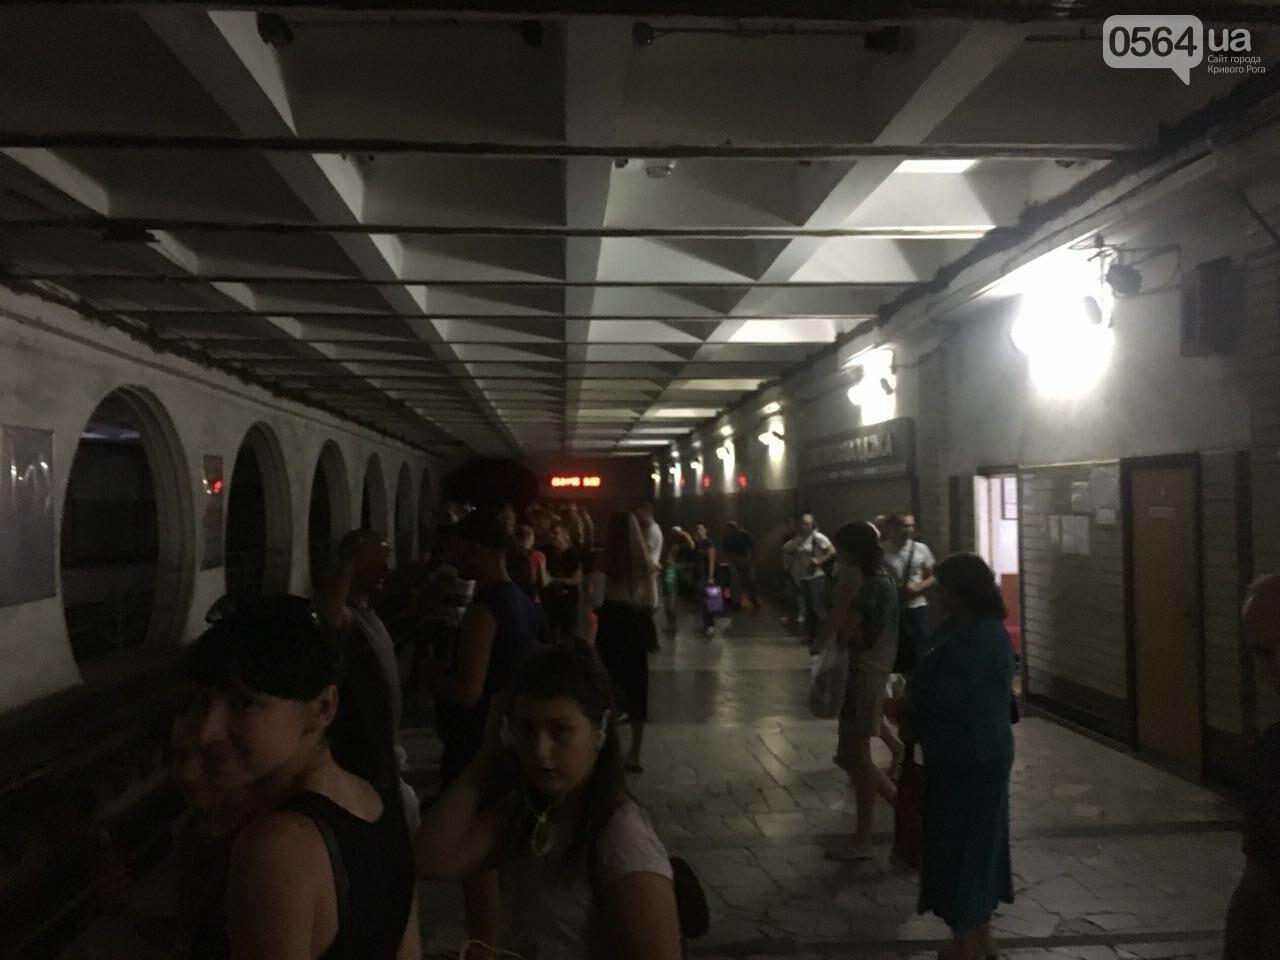 Ни дня без поломки: Маршрут скоростного трамвая снова заблокировали неисправные вагоны, - ФОТО, фото-2